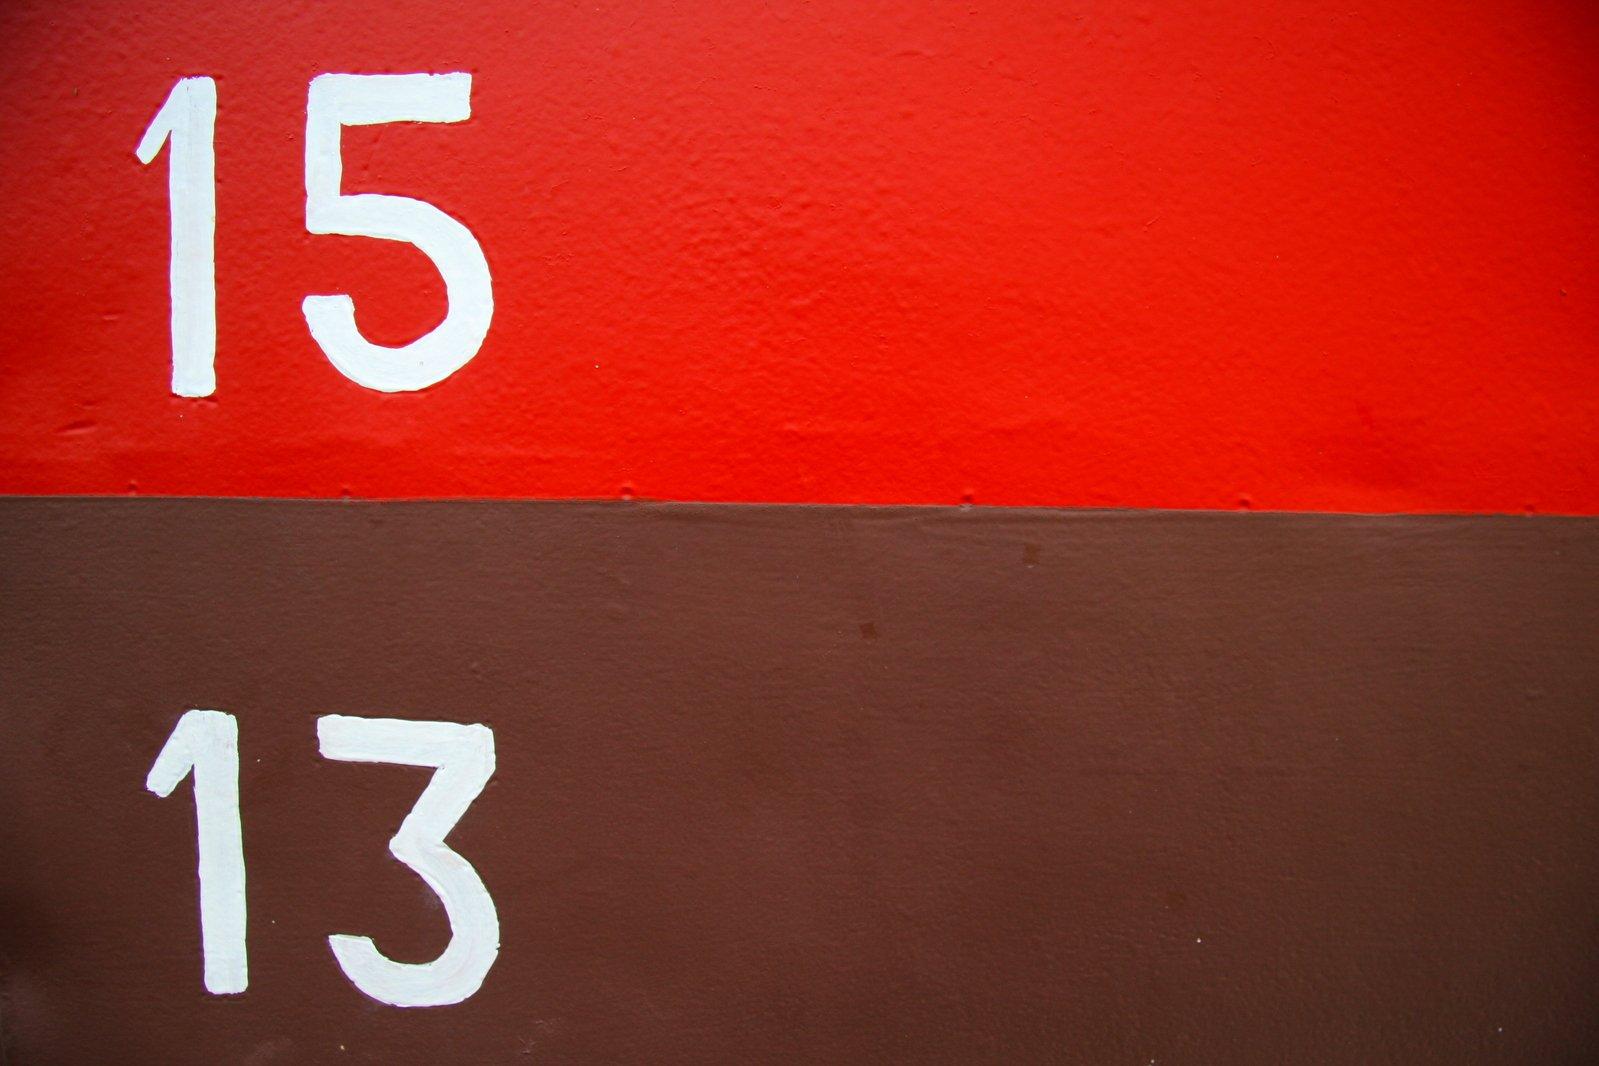 epub grundzüge des betrieblichen rechnungswesens: finanzbuchhaltung kontenrahmen kontenplan jahresabschluß inventur inventar kosten- und leistungsrechnung betriebswirtschaftliche statistik